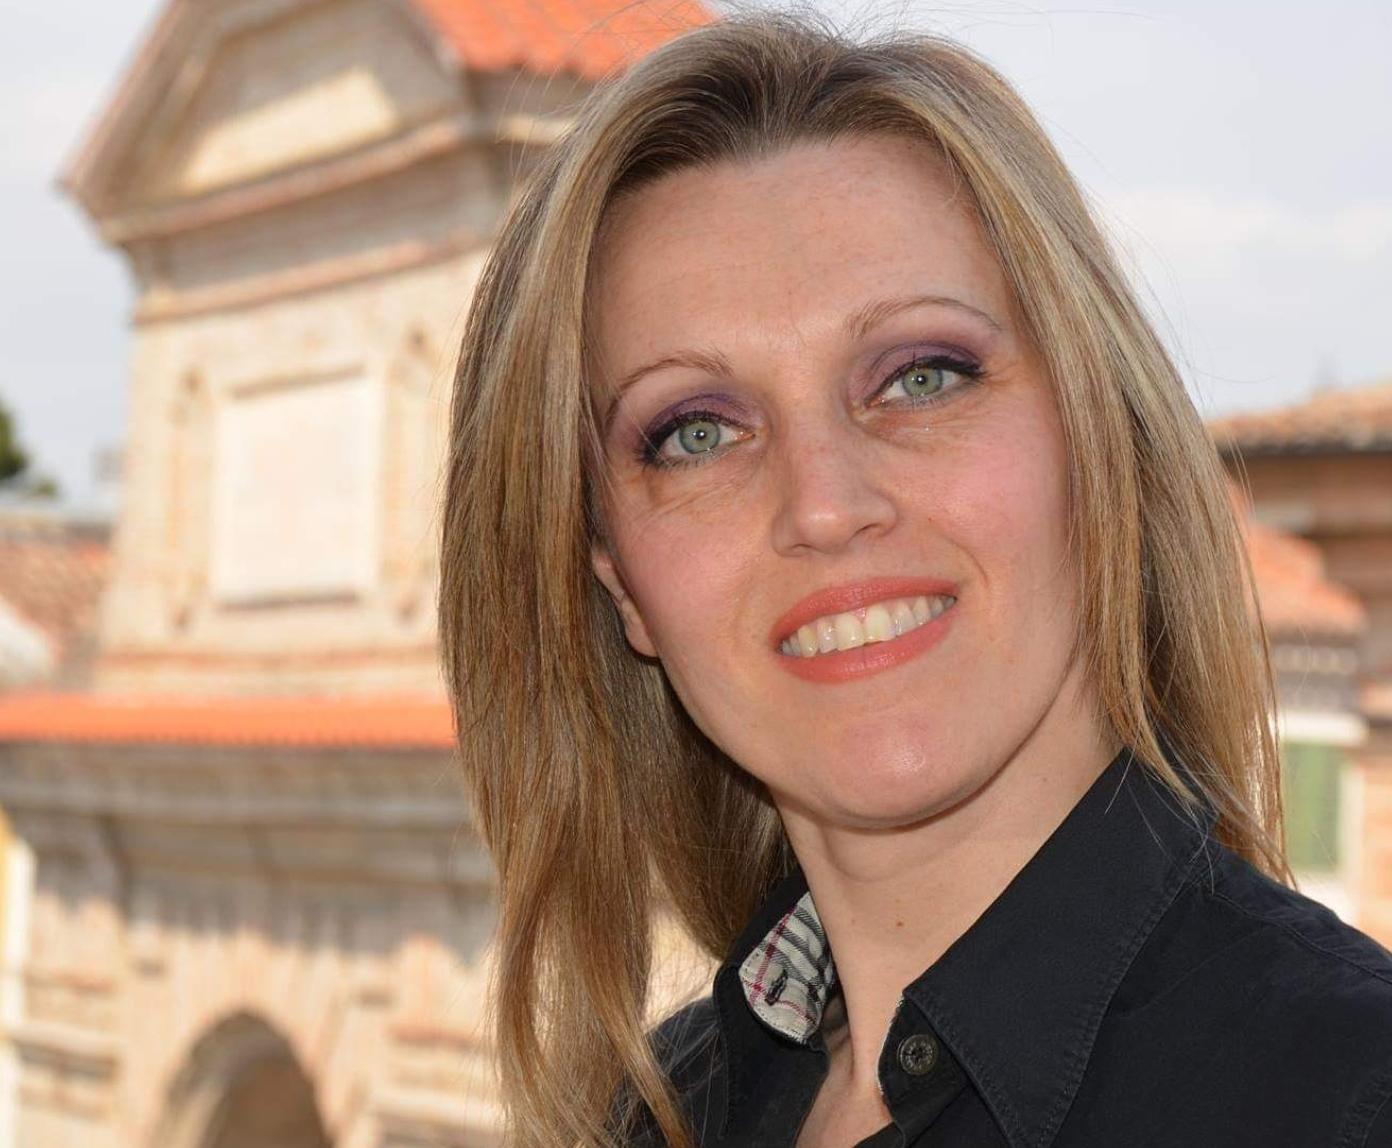 Chiara Cercaci